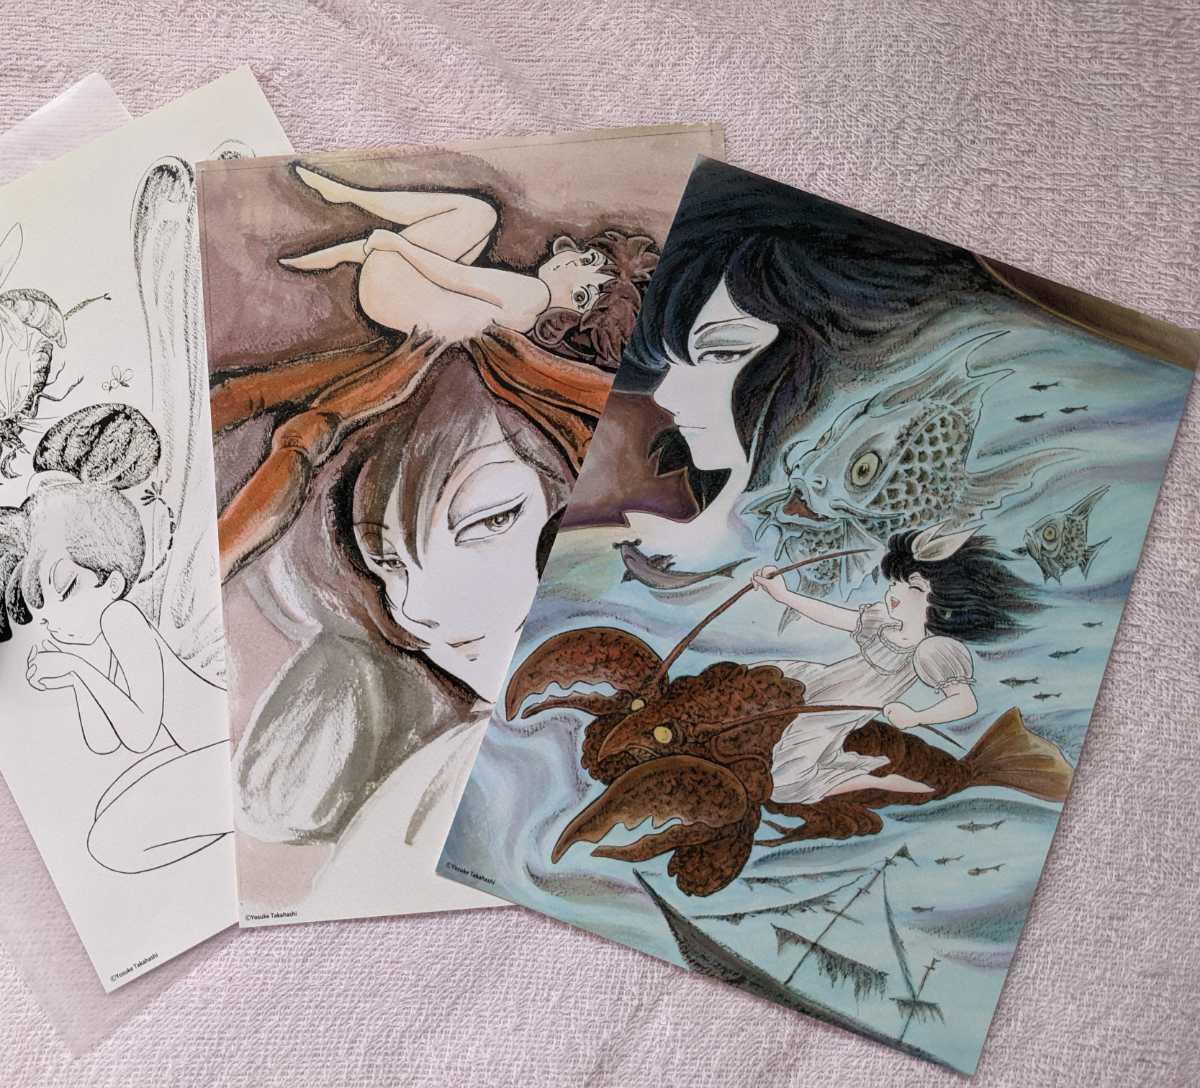 高橋葉介 夢幻紳士 A4複製原画イラスト3枚